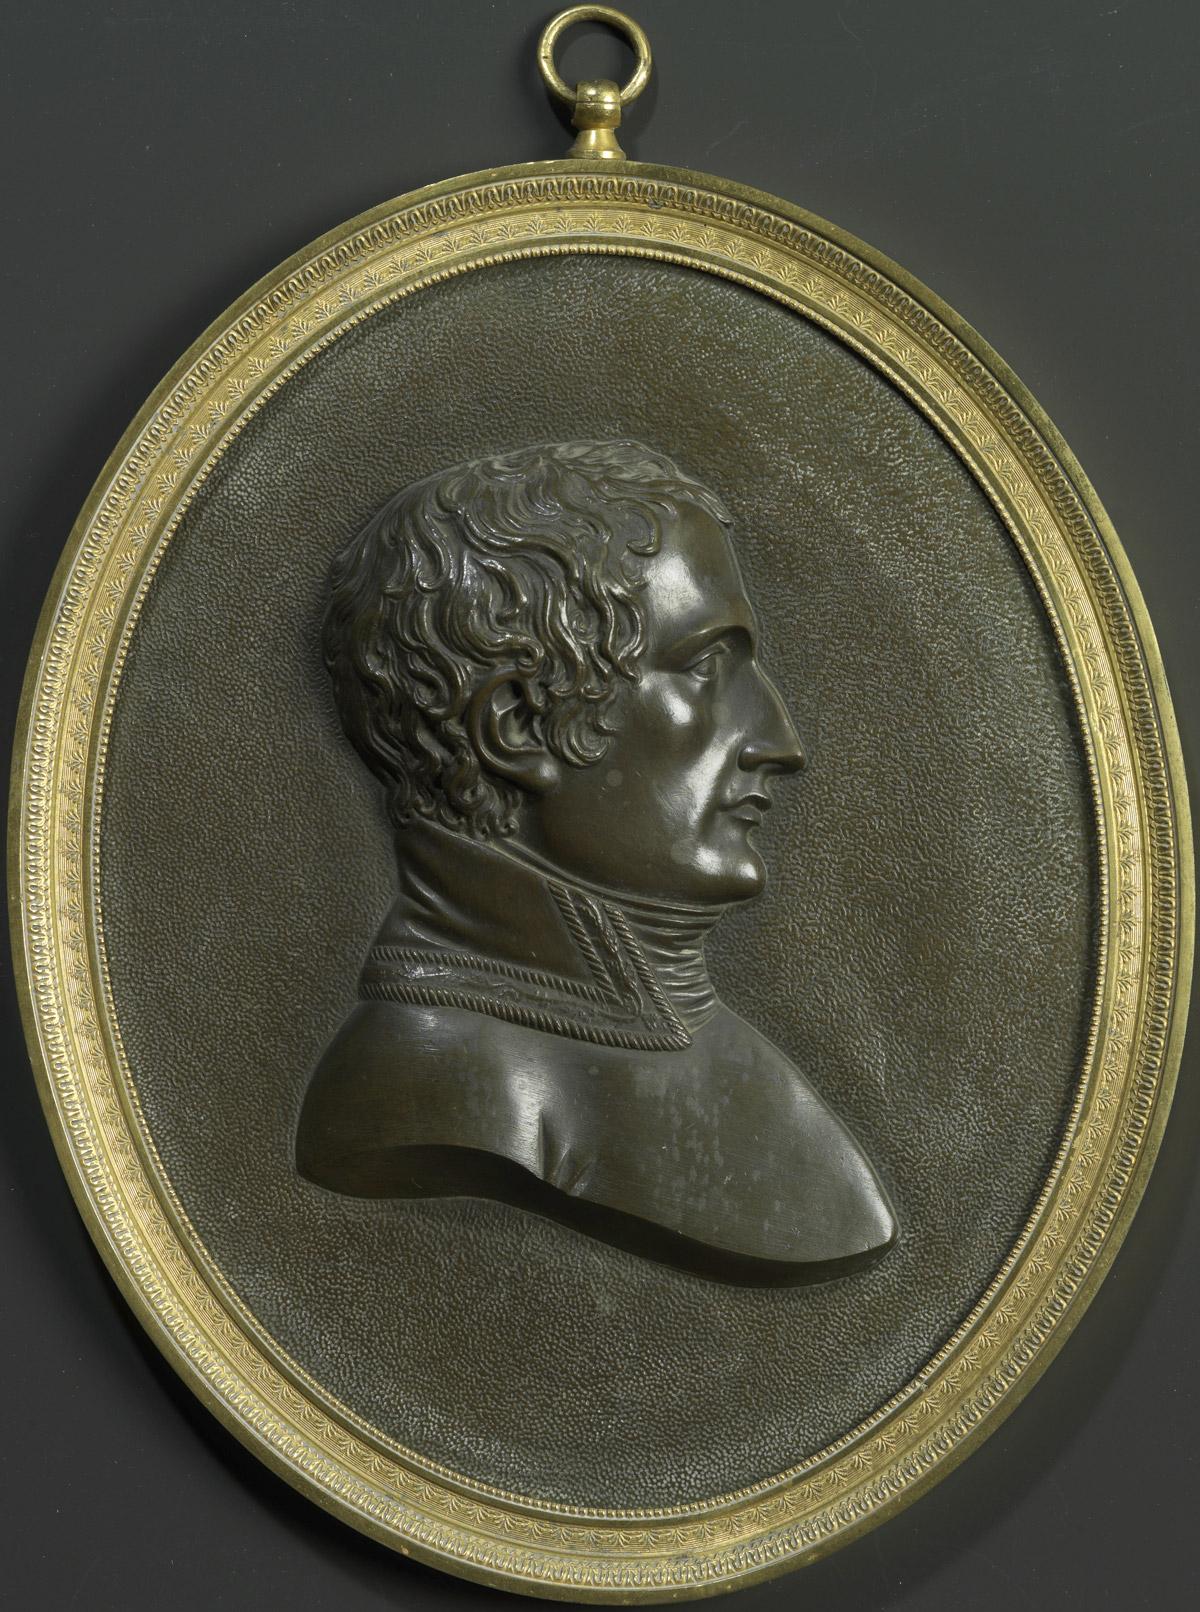 Profil de Bonaparte 1er Consul - Patrimoine Charles-André COLONNA WALEWSKI, en ligne directe de Napoléon